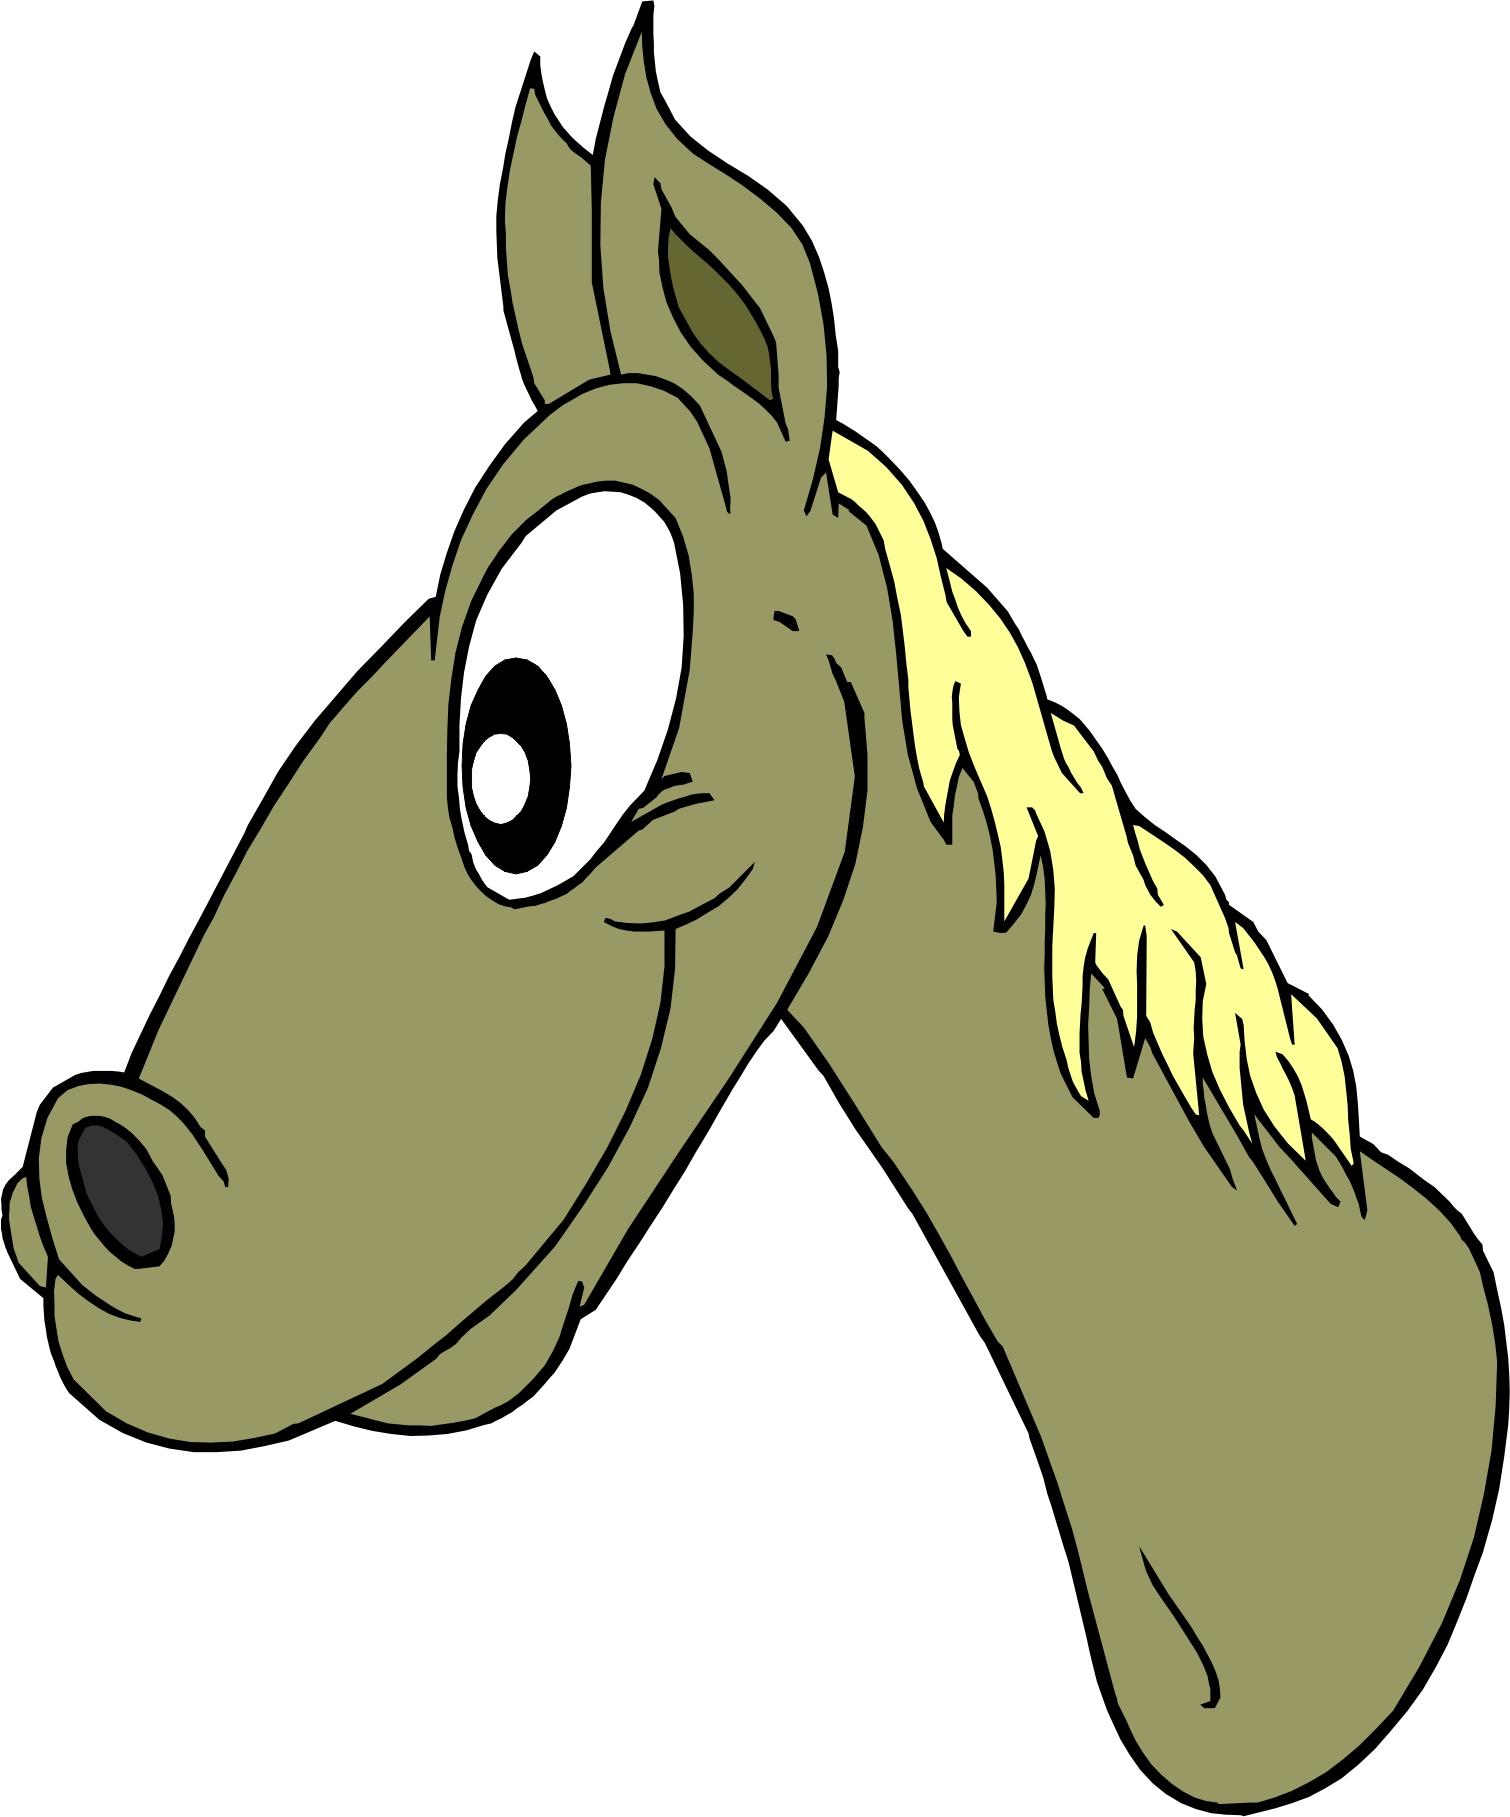 1510x1817 Cartoon Horse Head Images Wallpaper